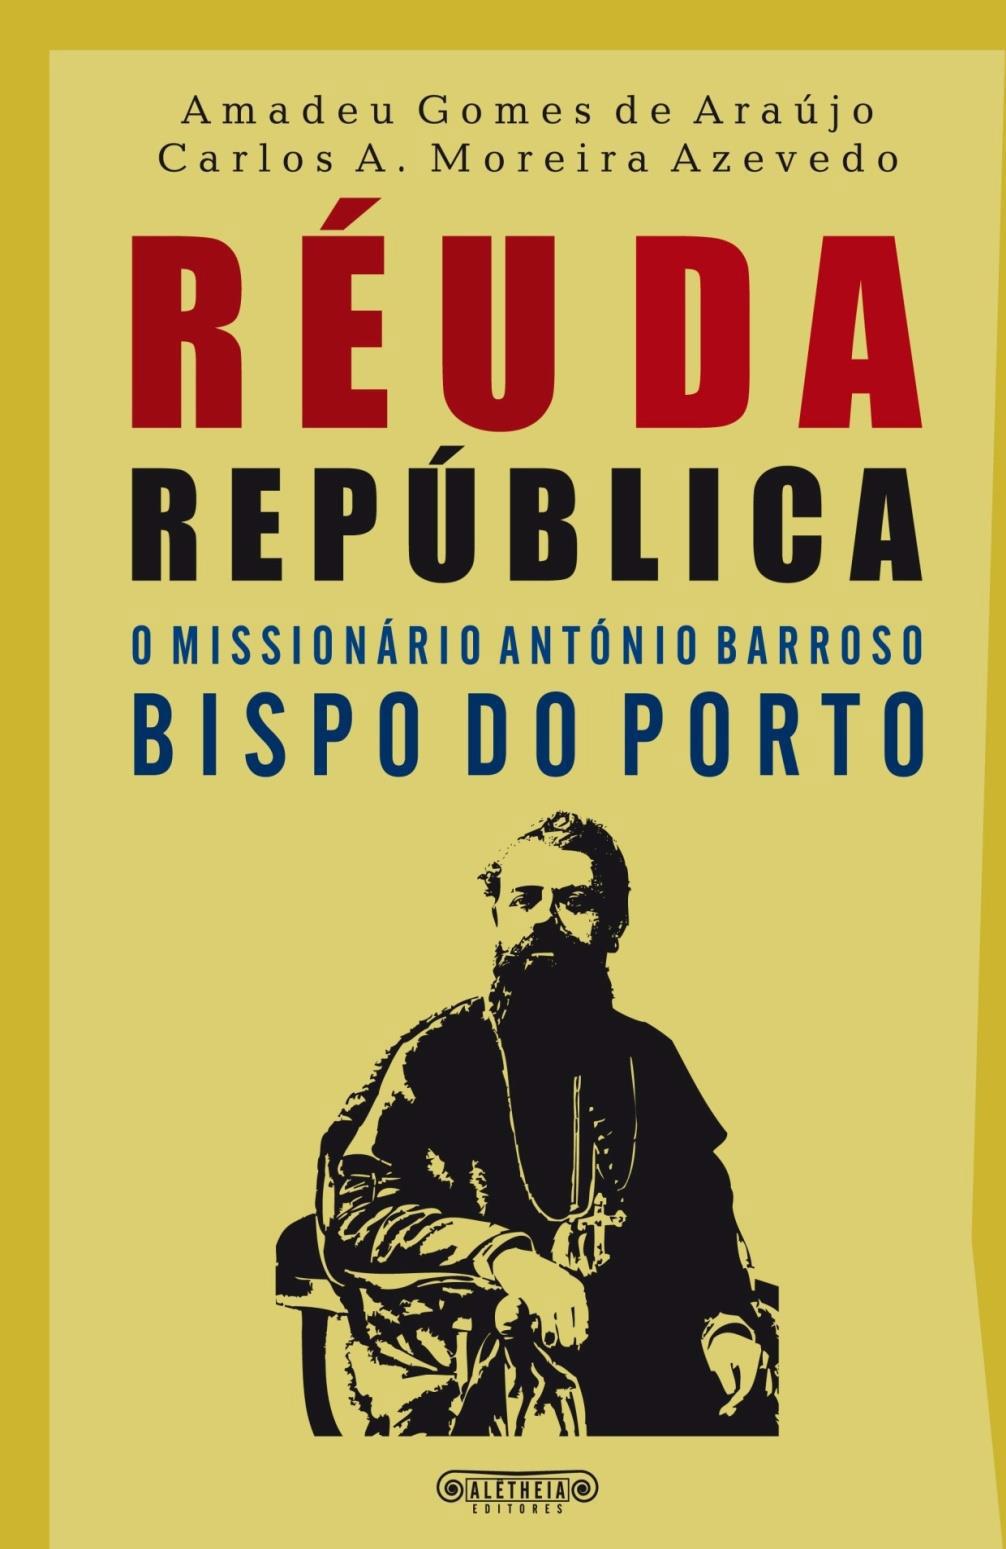 A introdução do processo de beatificação e canonização em 1992 veio despertar o interesse pela sua figura